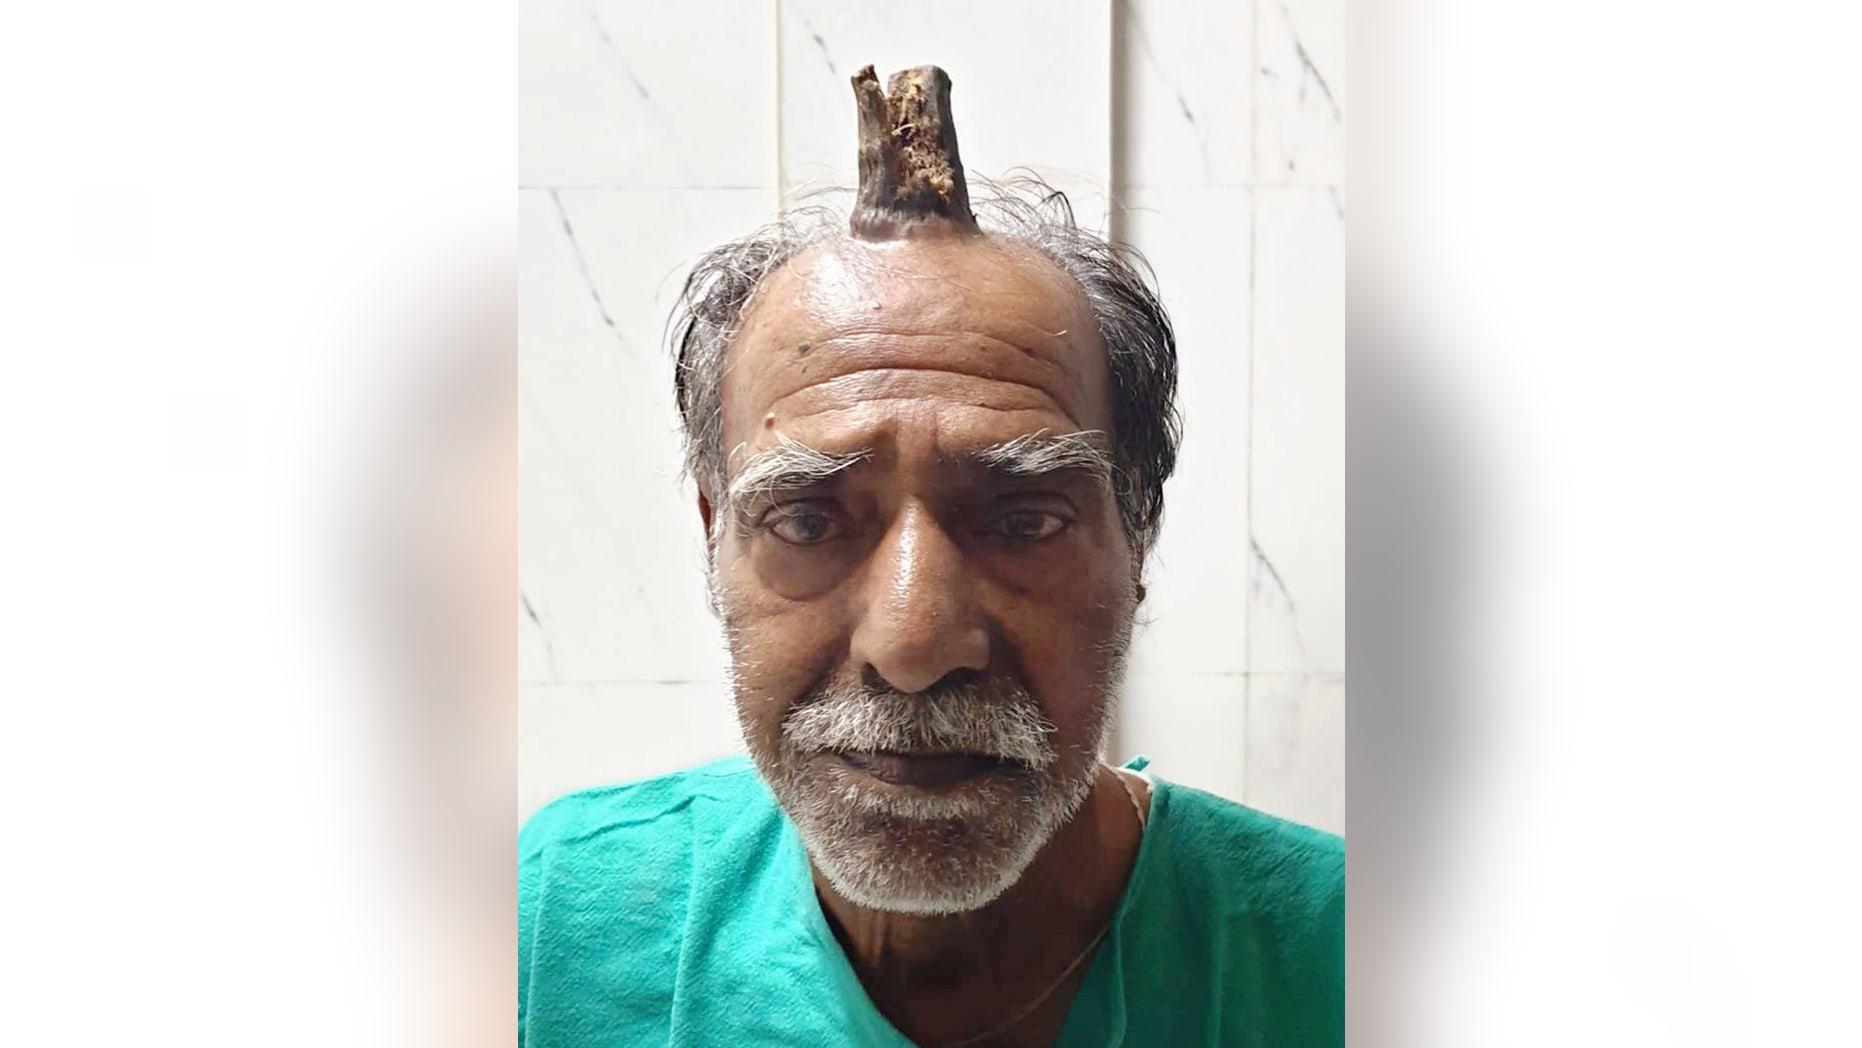 'Tanduk Iblis' Sepanjang 10 Cm Berhasil Dihilangkan dari Kepala Pria India